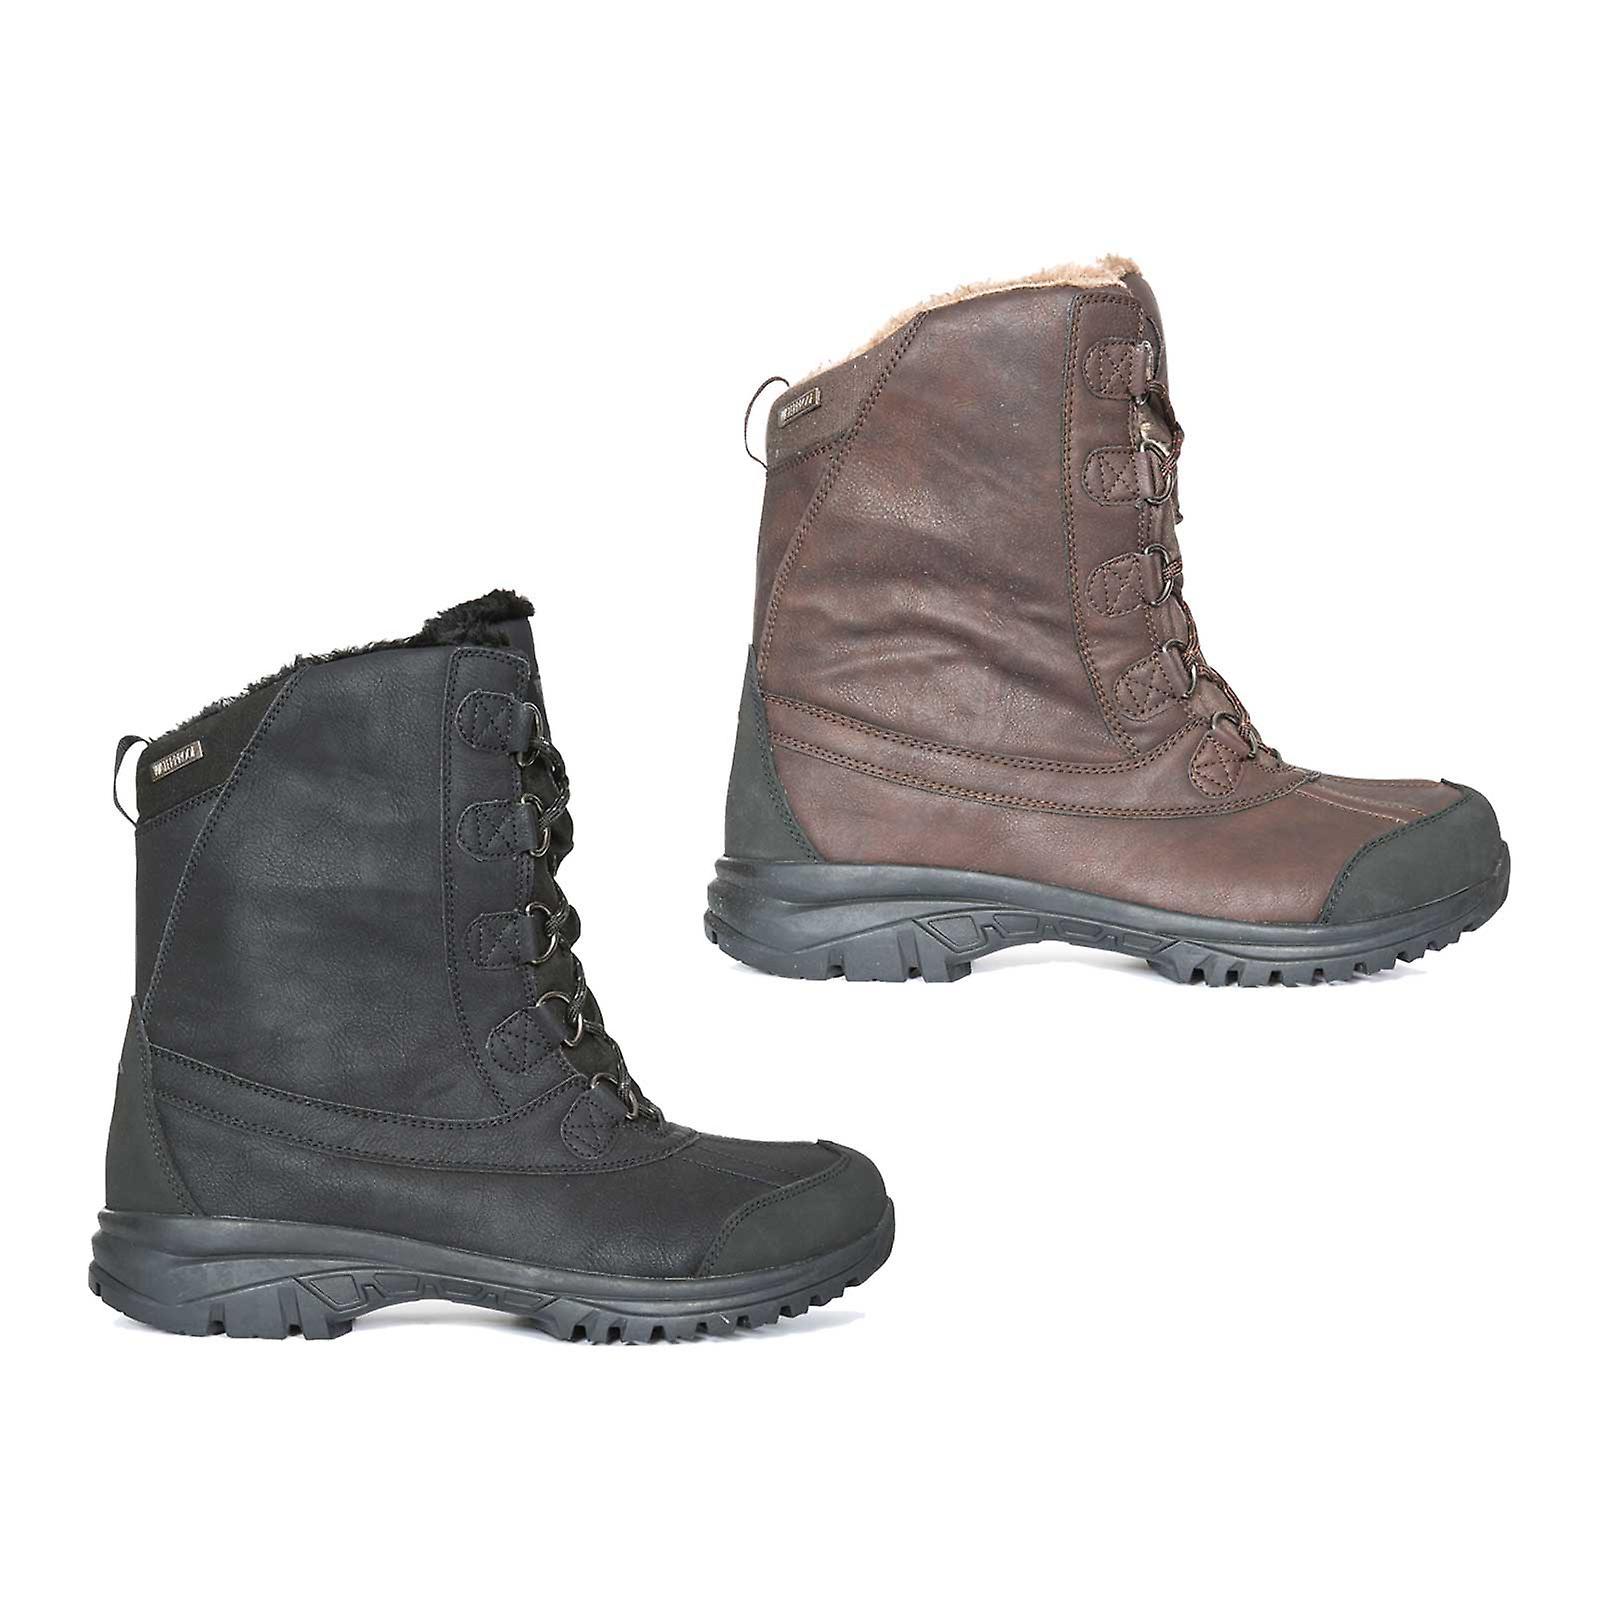 d616cd01d11 Trespass Mens Kareem Winter Snow Boots